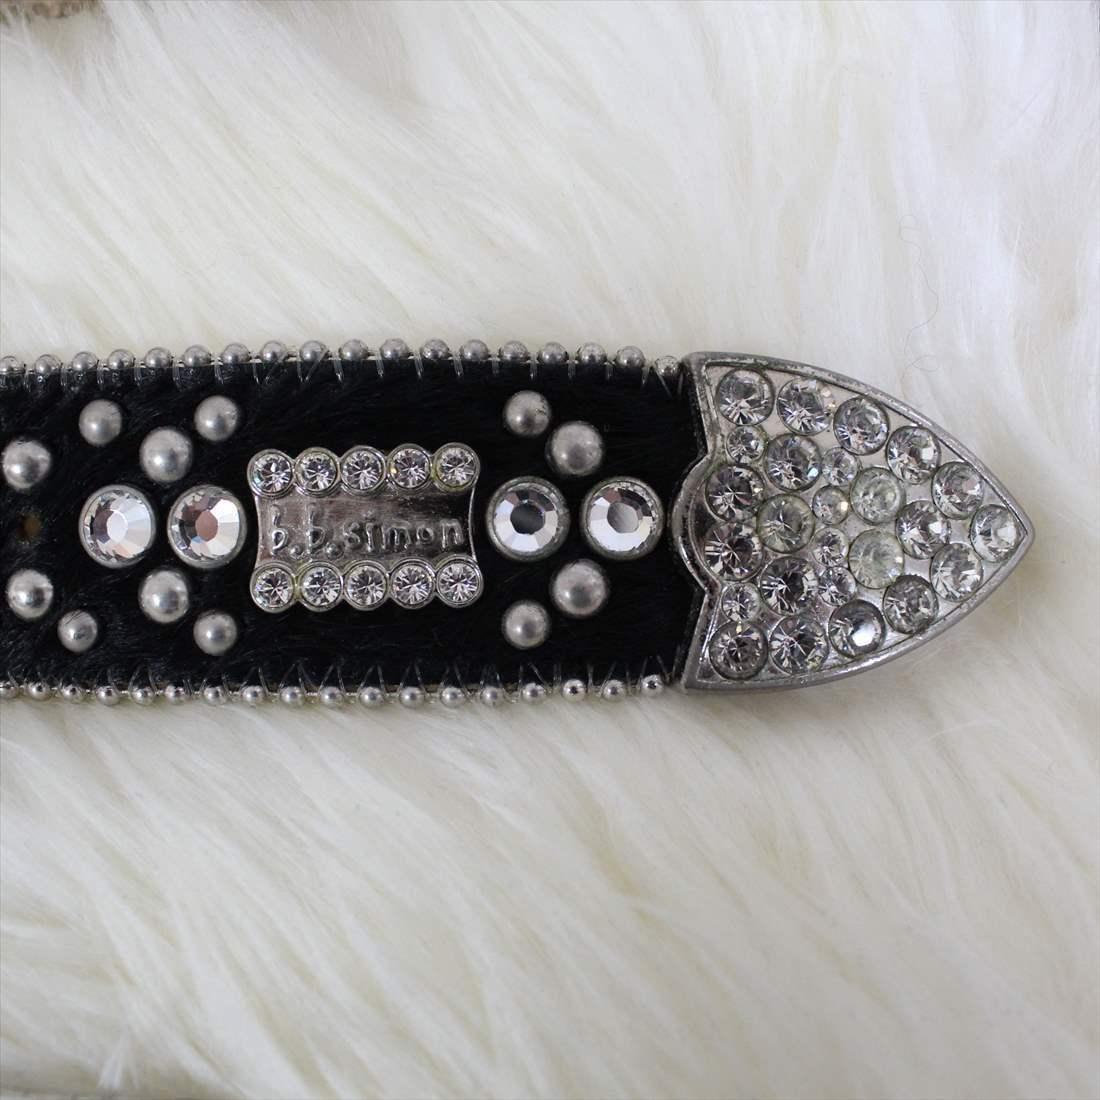 ビービーサイモン B.B.SIMON レザーベルト ブラック アウトレット 革 アメリカ製 Lサイズ 幅4cmタイプ 男女兼用 メンズ レディース_画像3